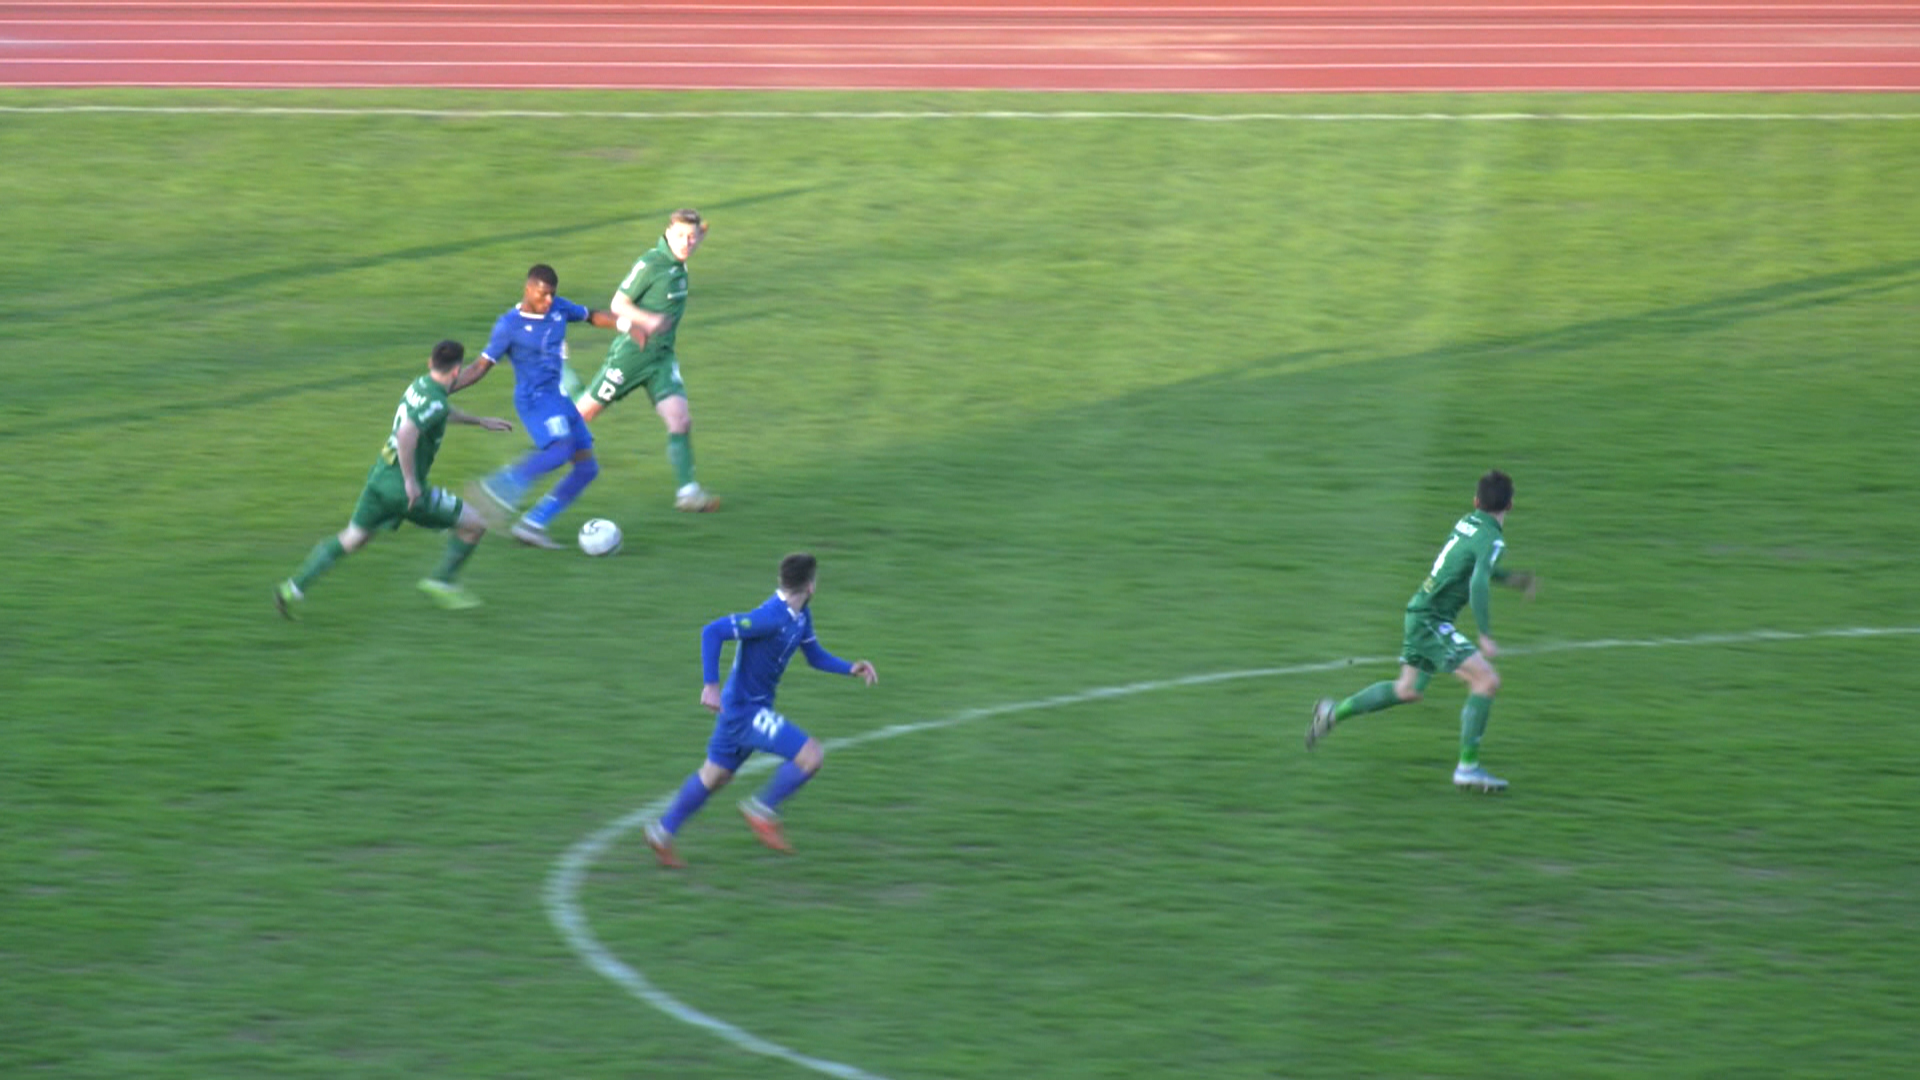 futbol - Безголевая ничья. Футбольный матч между «Витебском» и «Гомелем» (видео)